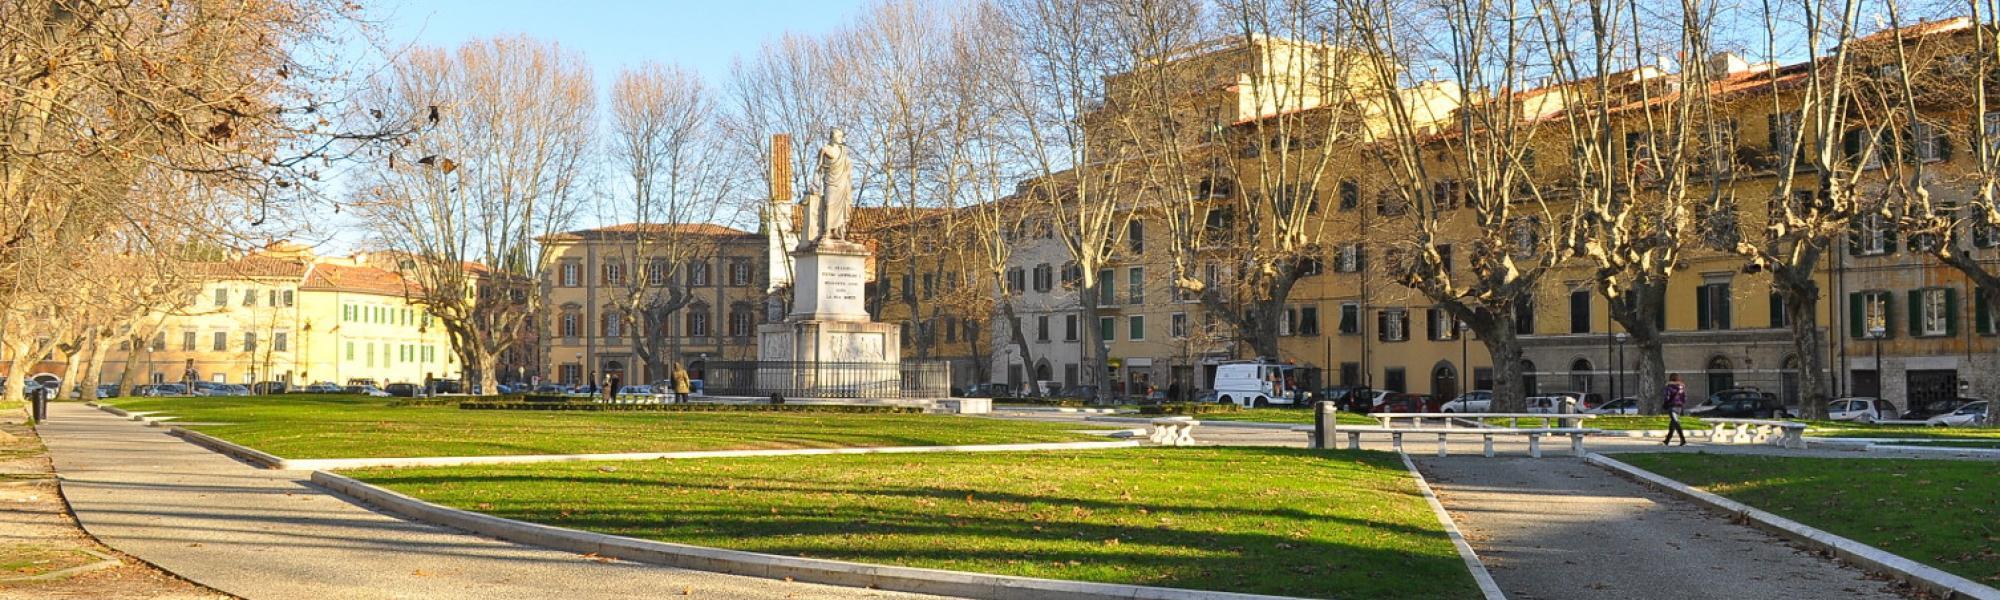 Piazza Alberata